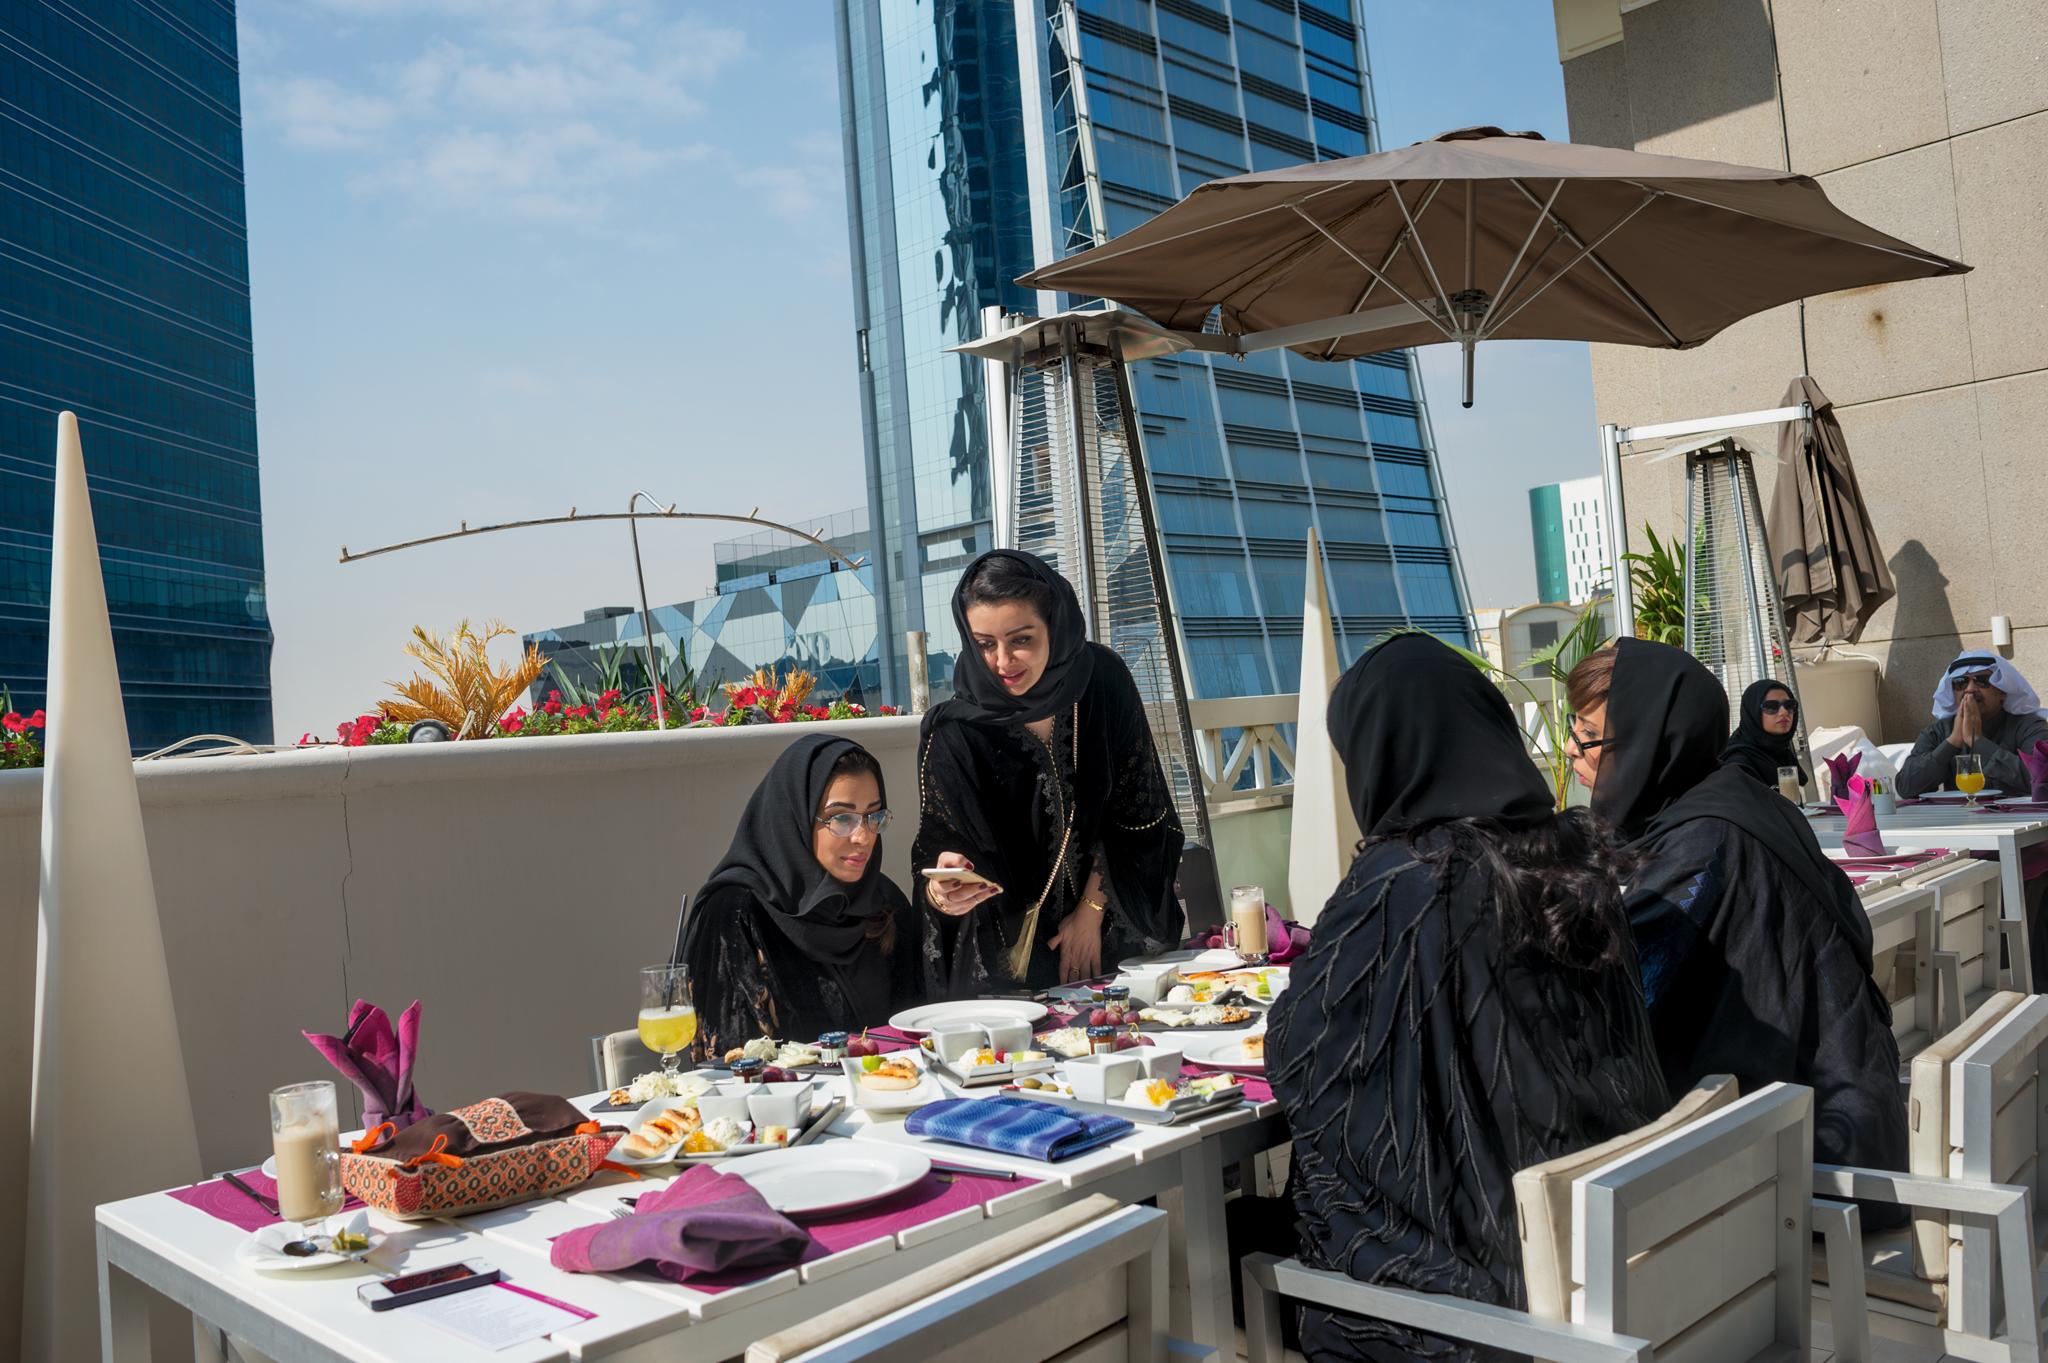 دلیل سنتشکنیهای اخیر عربستان درباره زنان چیست؟+ تصاویر